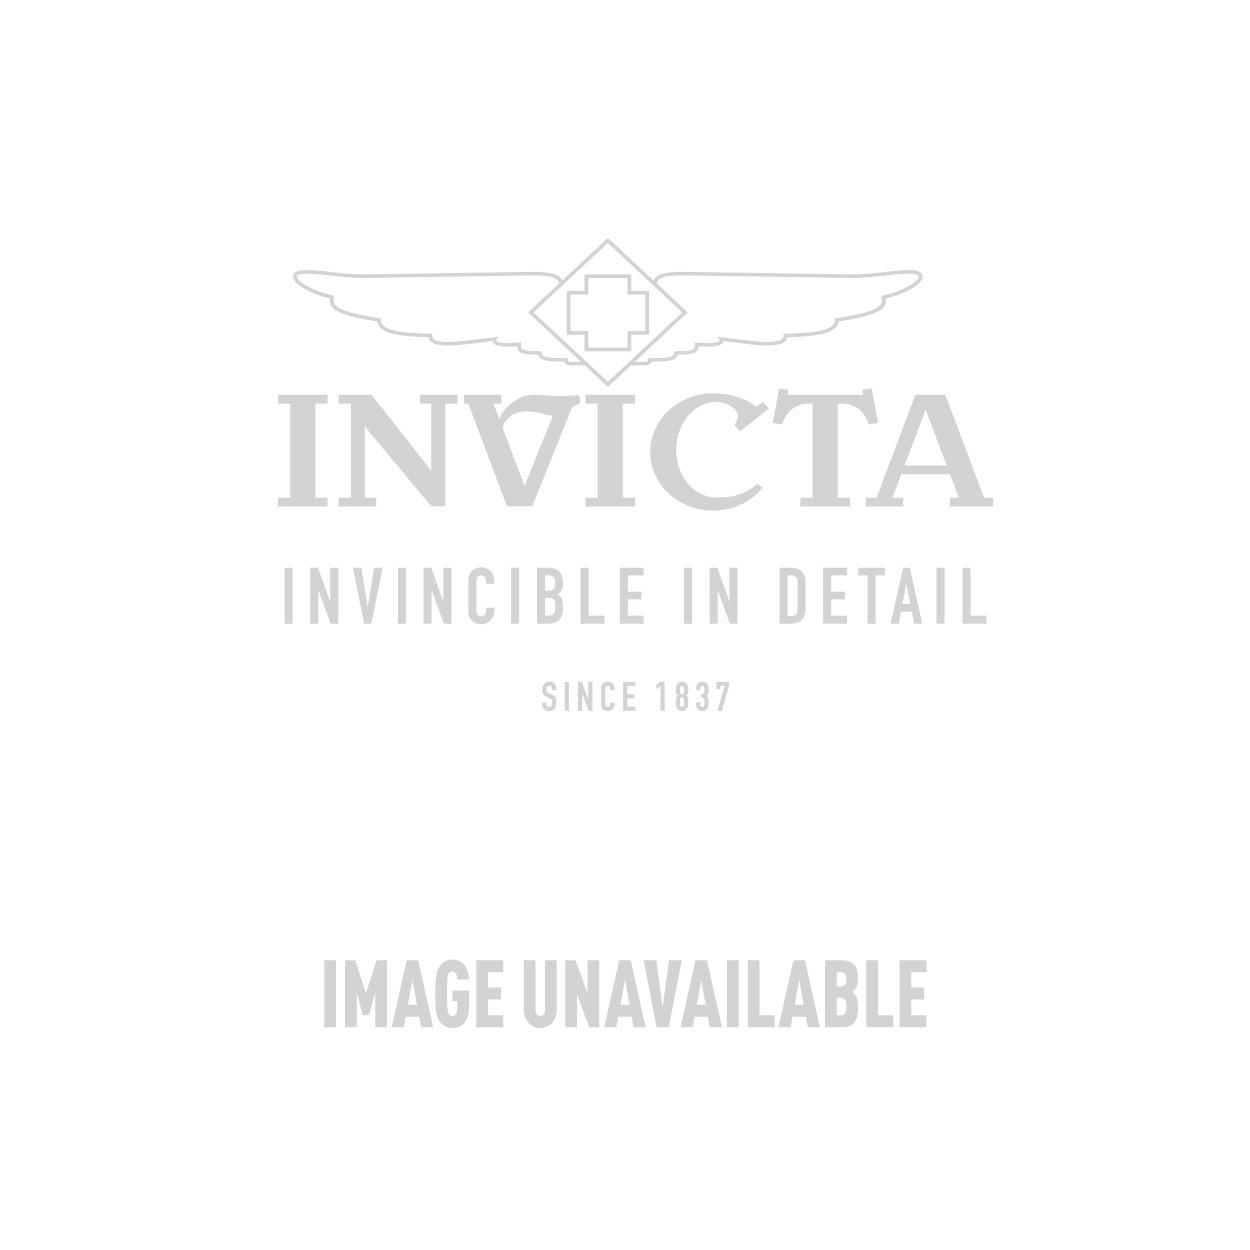 Invicta Model 23373